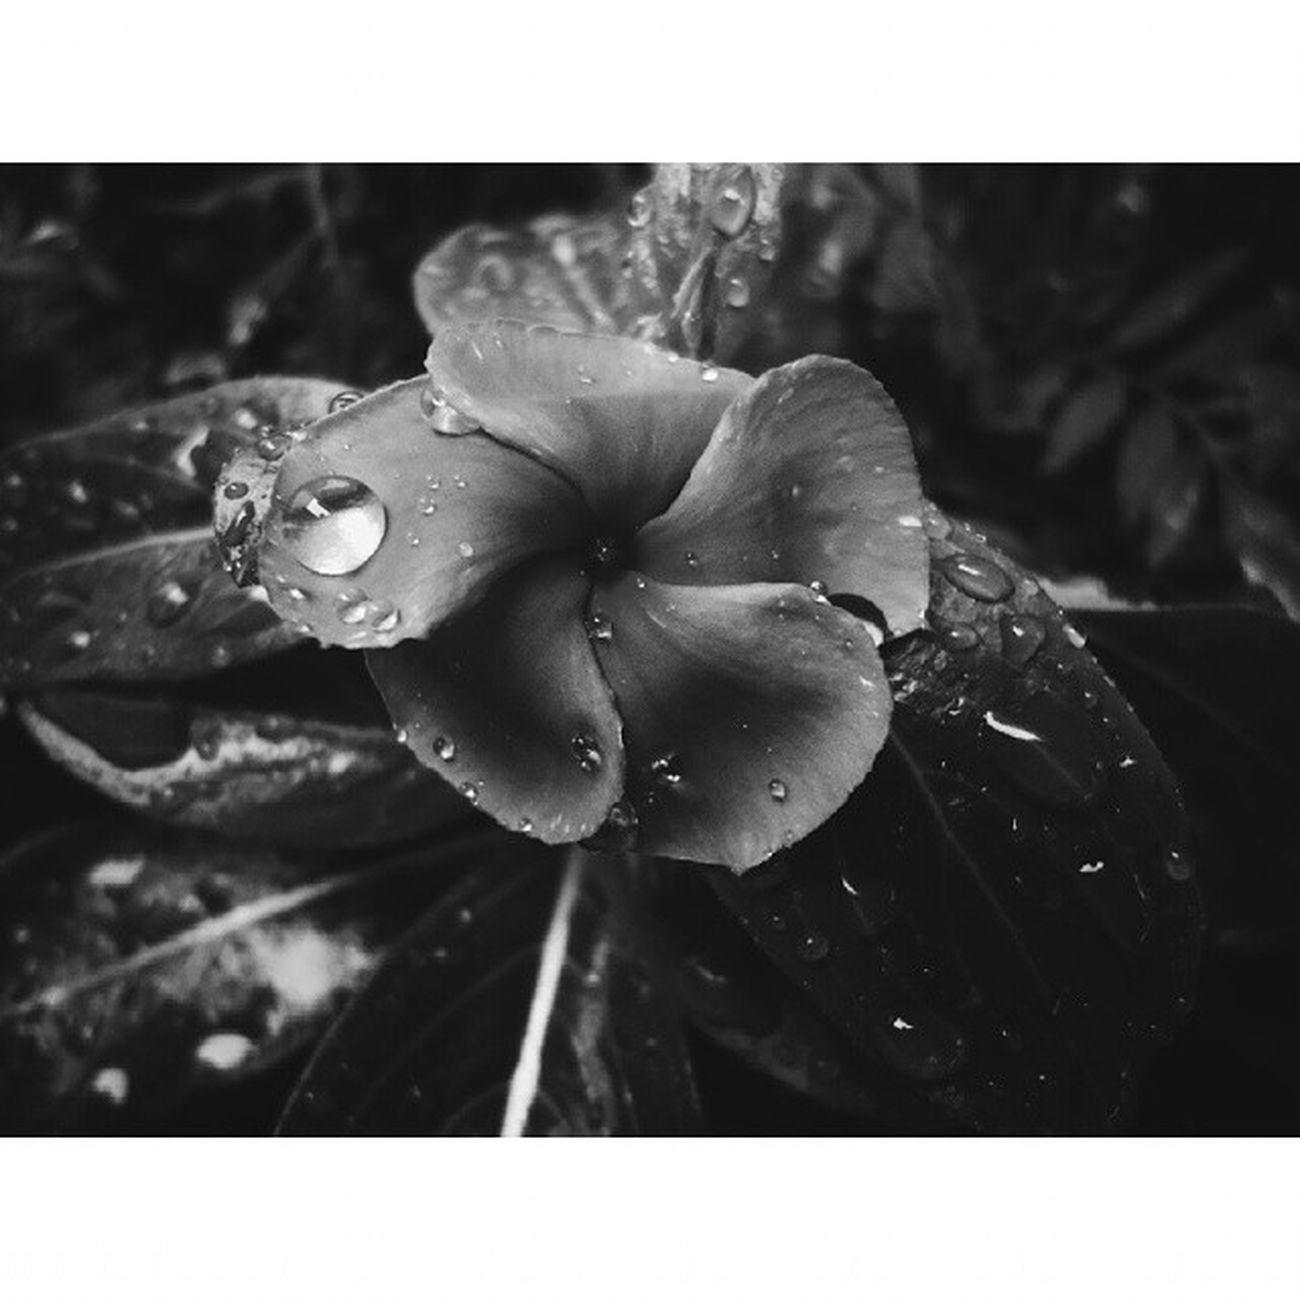 ▪ Bw ▪ Flowers ▪ Vscofeatures ▪ Waterdrop ▪ bestofvsco ▪ vscodaily ▪ vscofocus ▪ vscobrasil ▪ vscophile ▪ vscofilm ▪ vscoonly ▪ vscoboss ▪ afterlight ▪ nature ▪